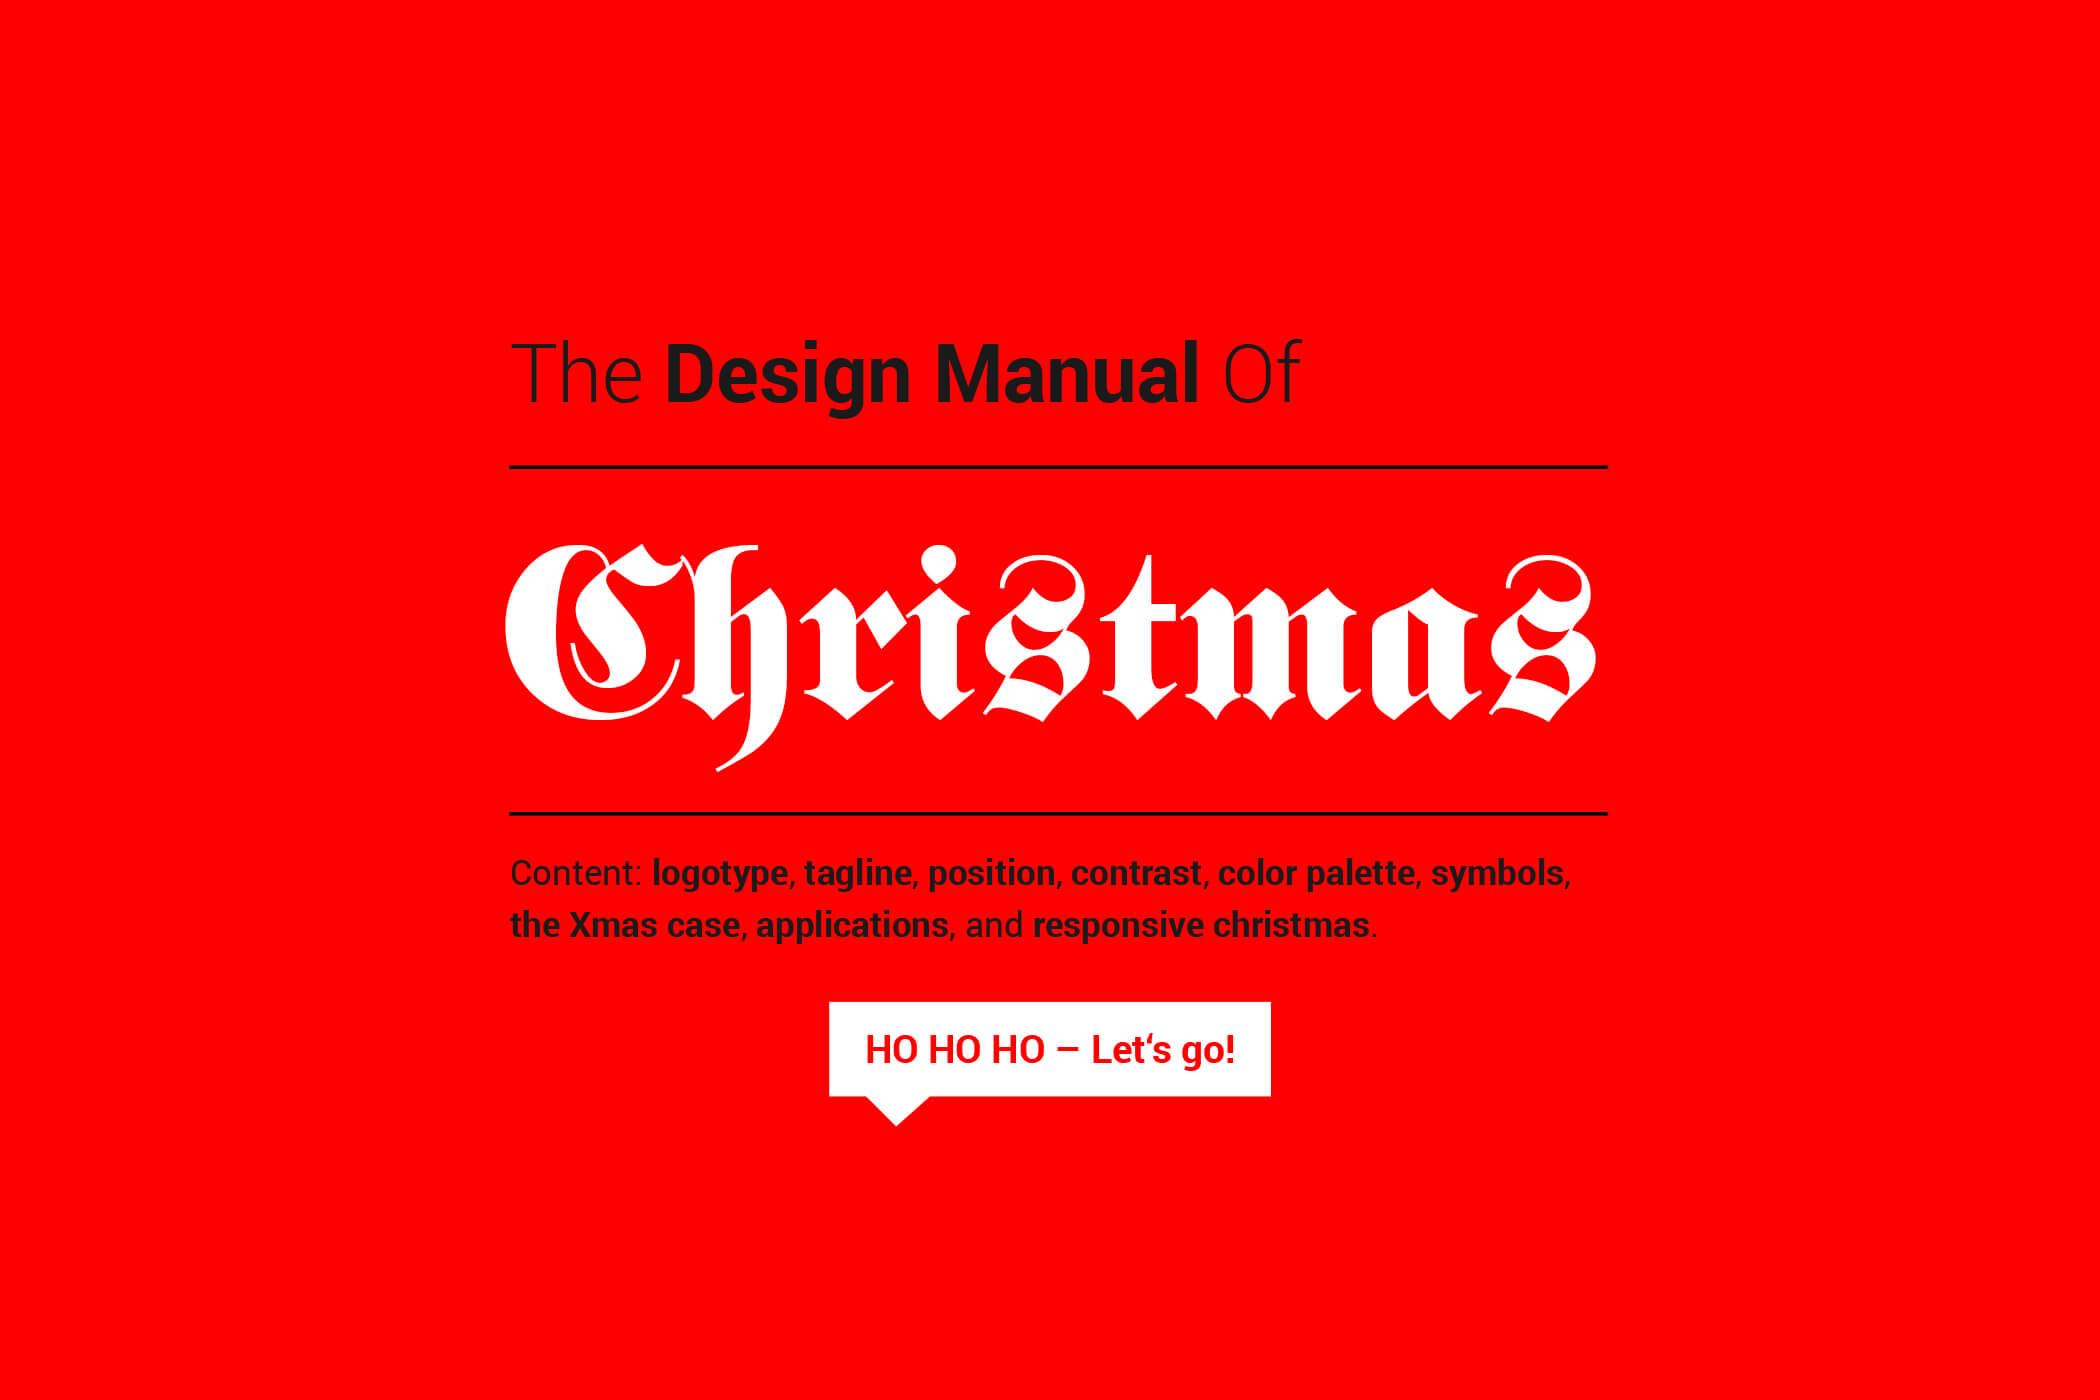 Das ultimative Design Manual zu Weihnachten